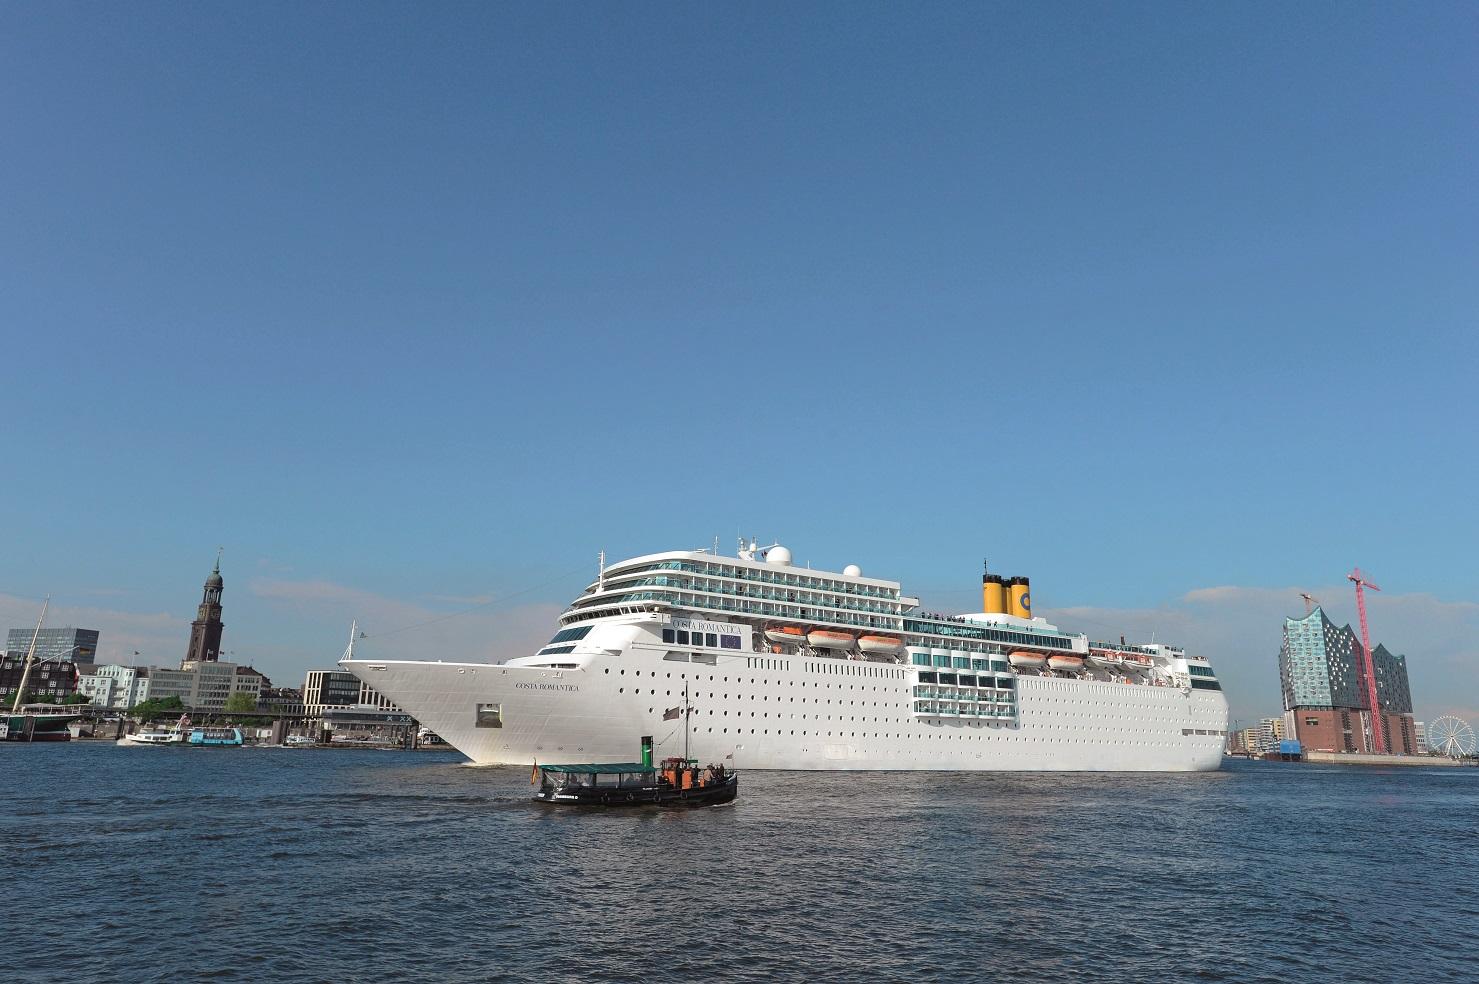 Costa Kreuzfahrten Auf Den Hamburg Cruise Days 2015 Großes